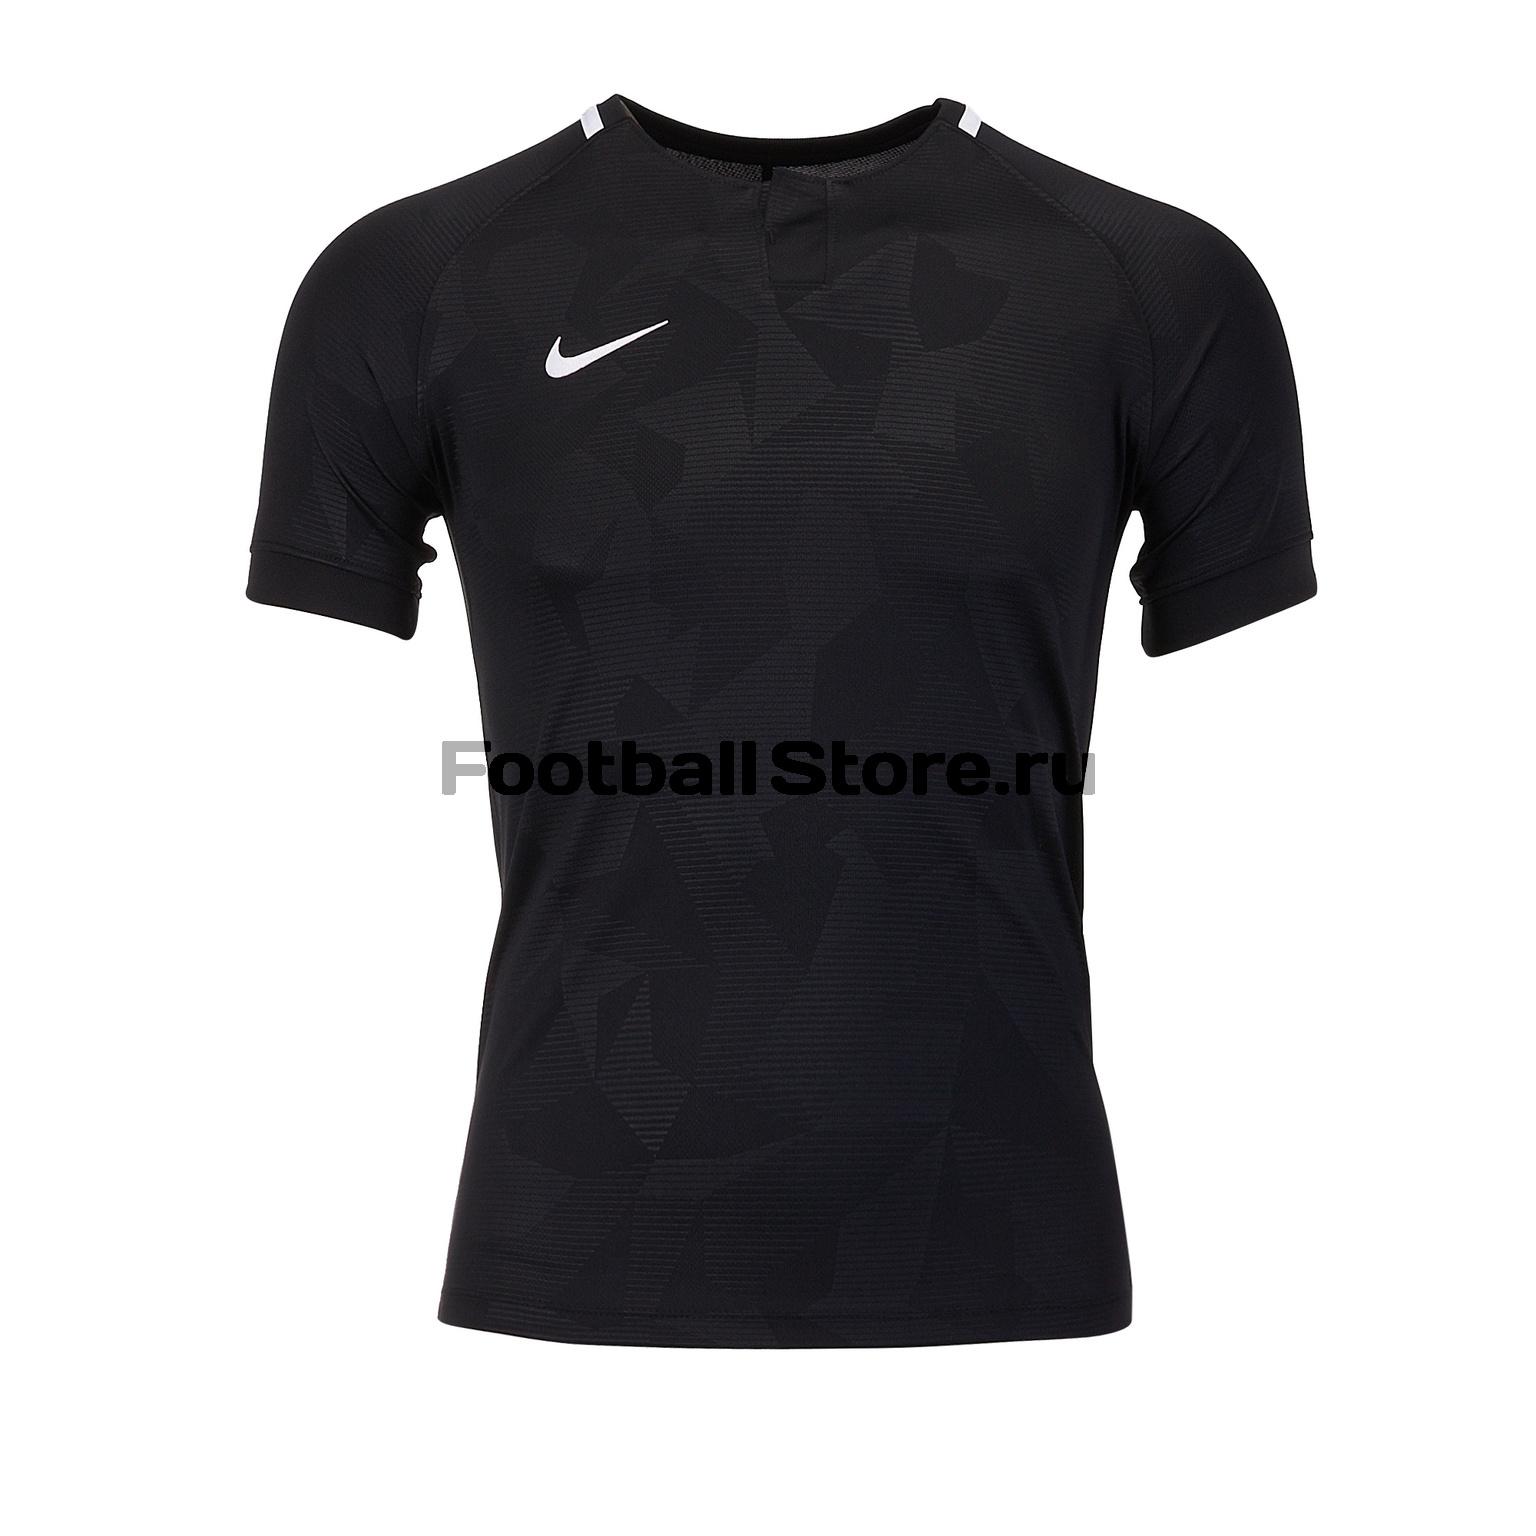 Футболка игровая подростковая Nike Dry Challenge II 894053-100 футболка игровая nike dry tiempo prem jsy ss 894230 411